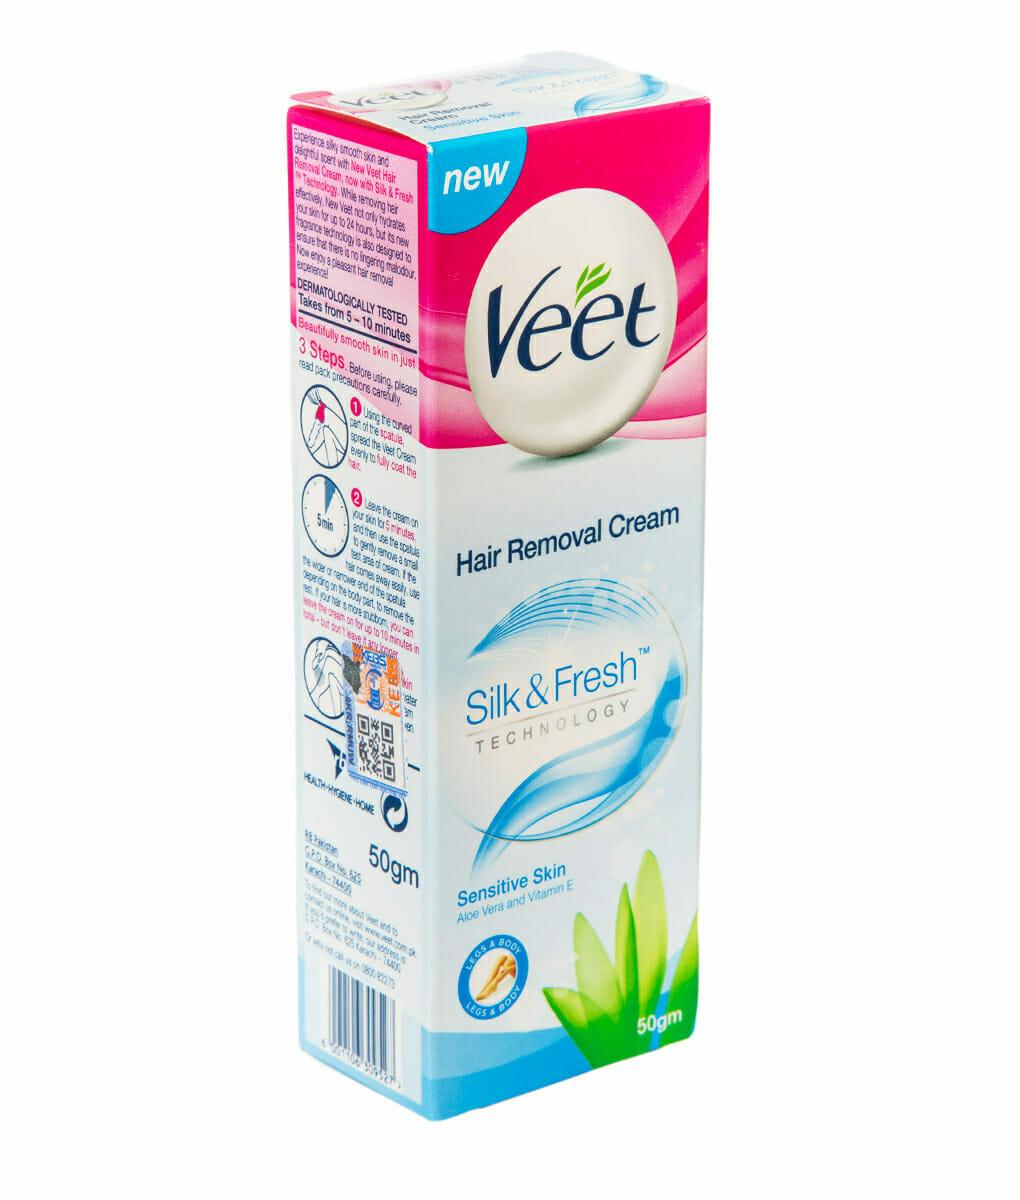 Veet Hair Removal Cream Sensitive Skin 50gm Kasha Kenyakasha Kenya